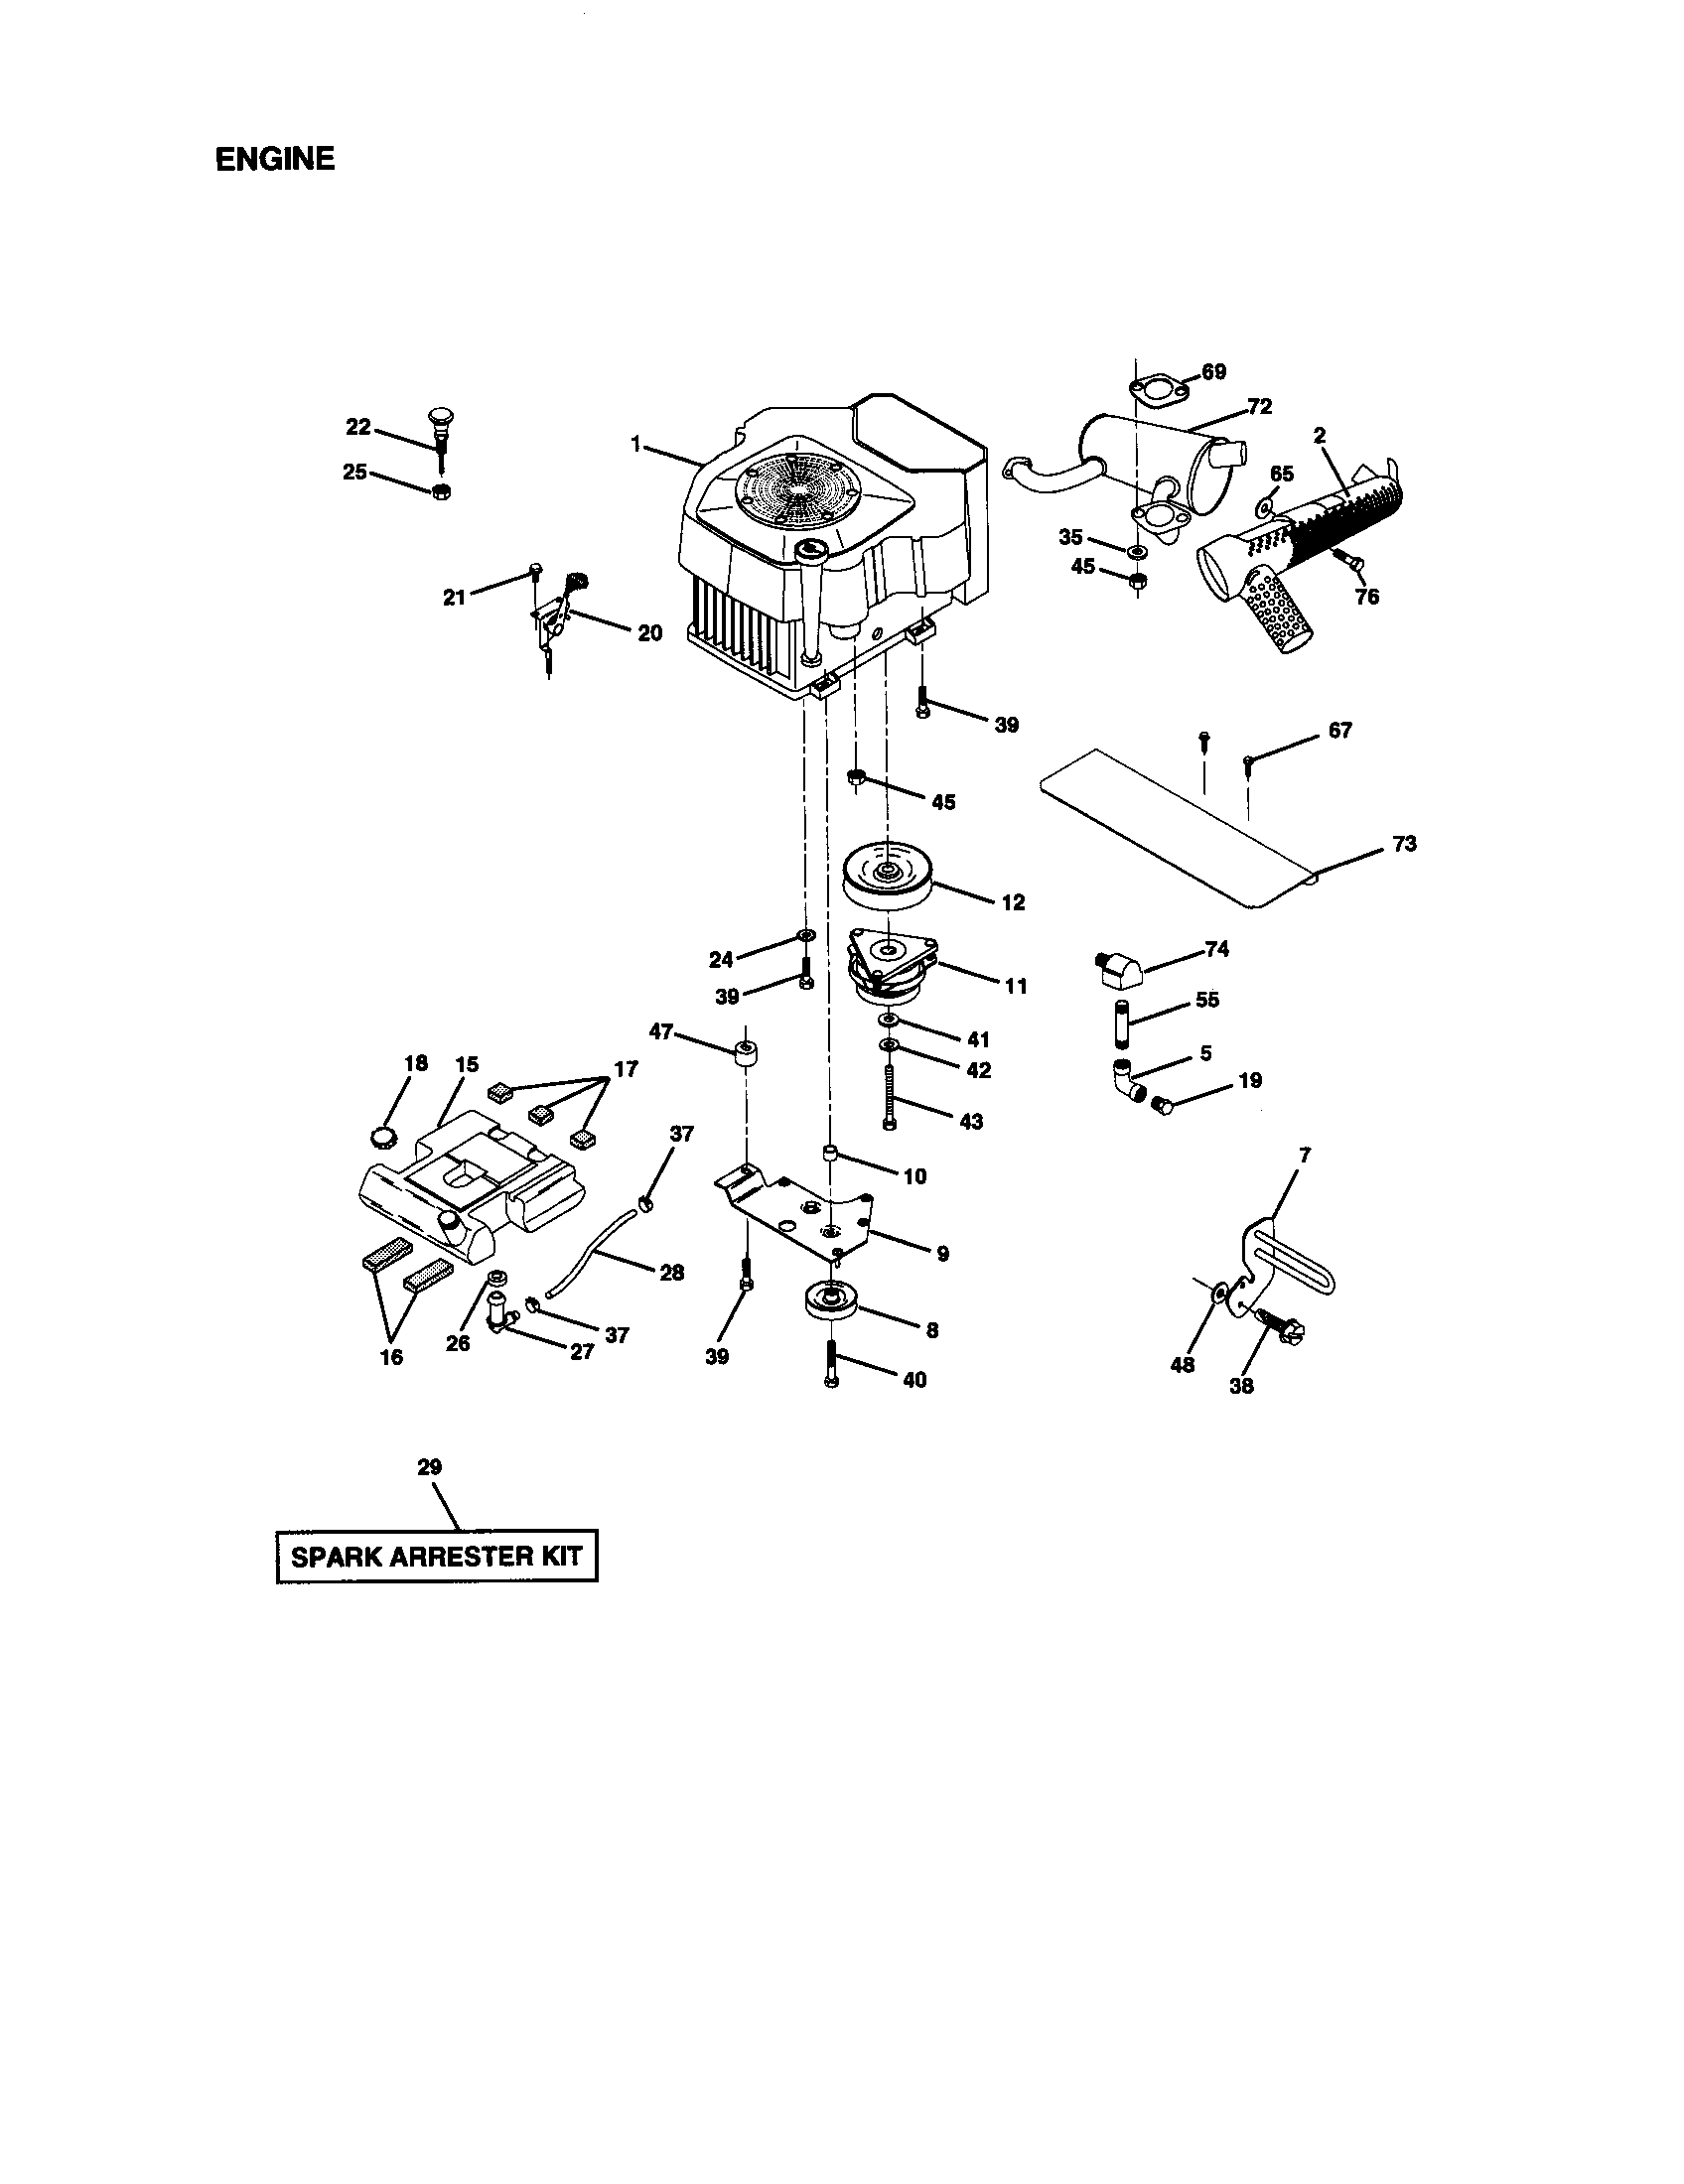 ENGINE Diagram & Parts List for Model 917273323 Craftsman